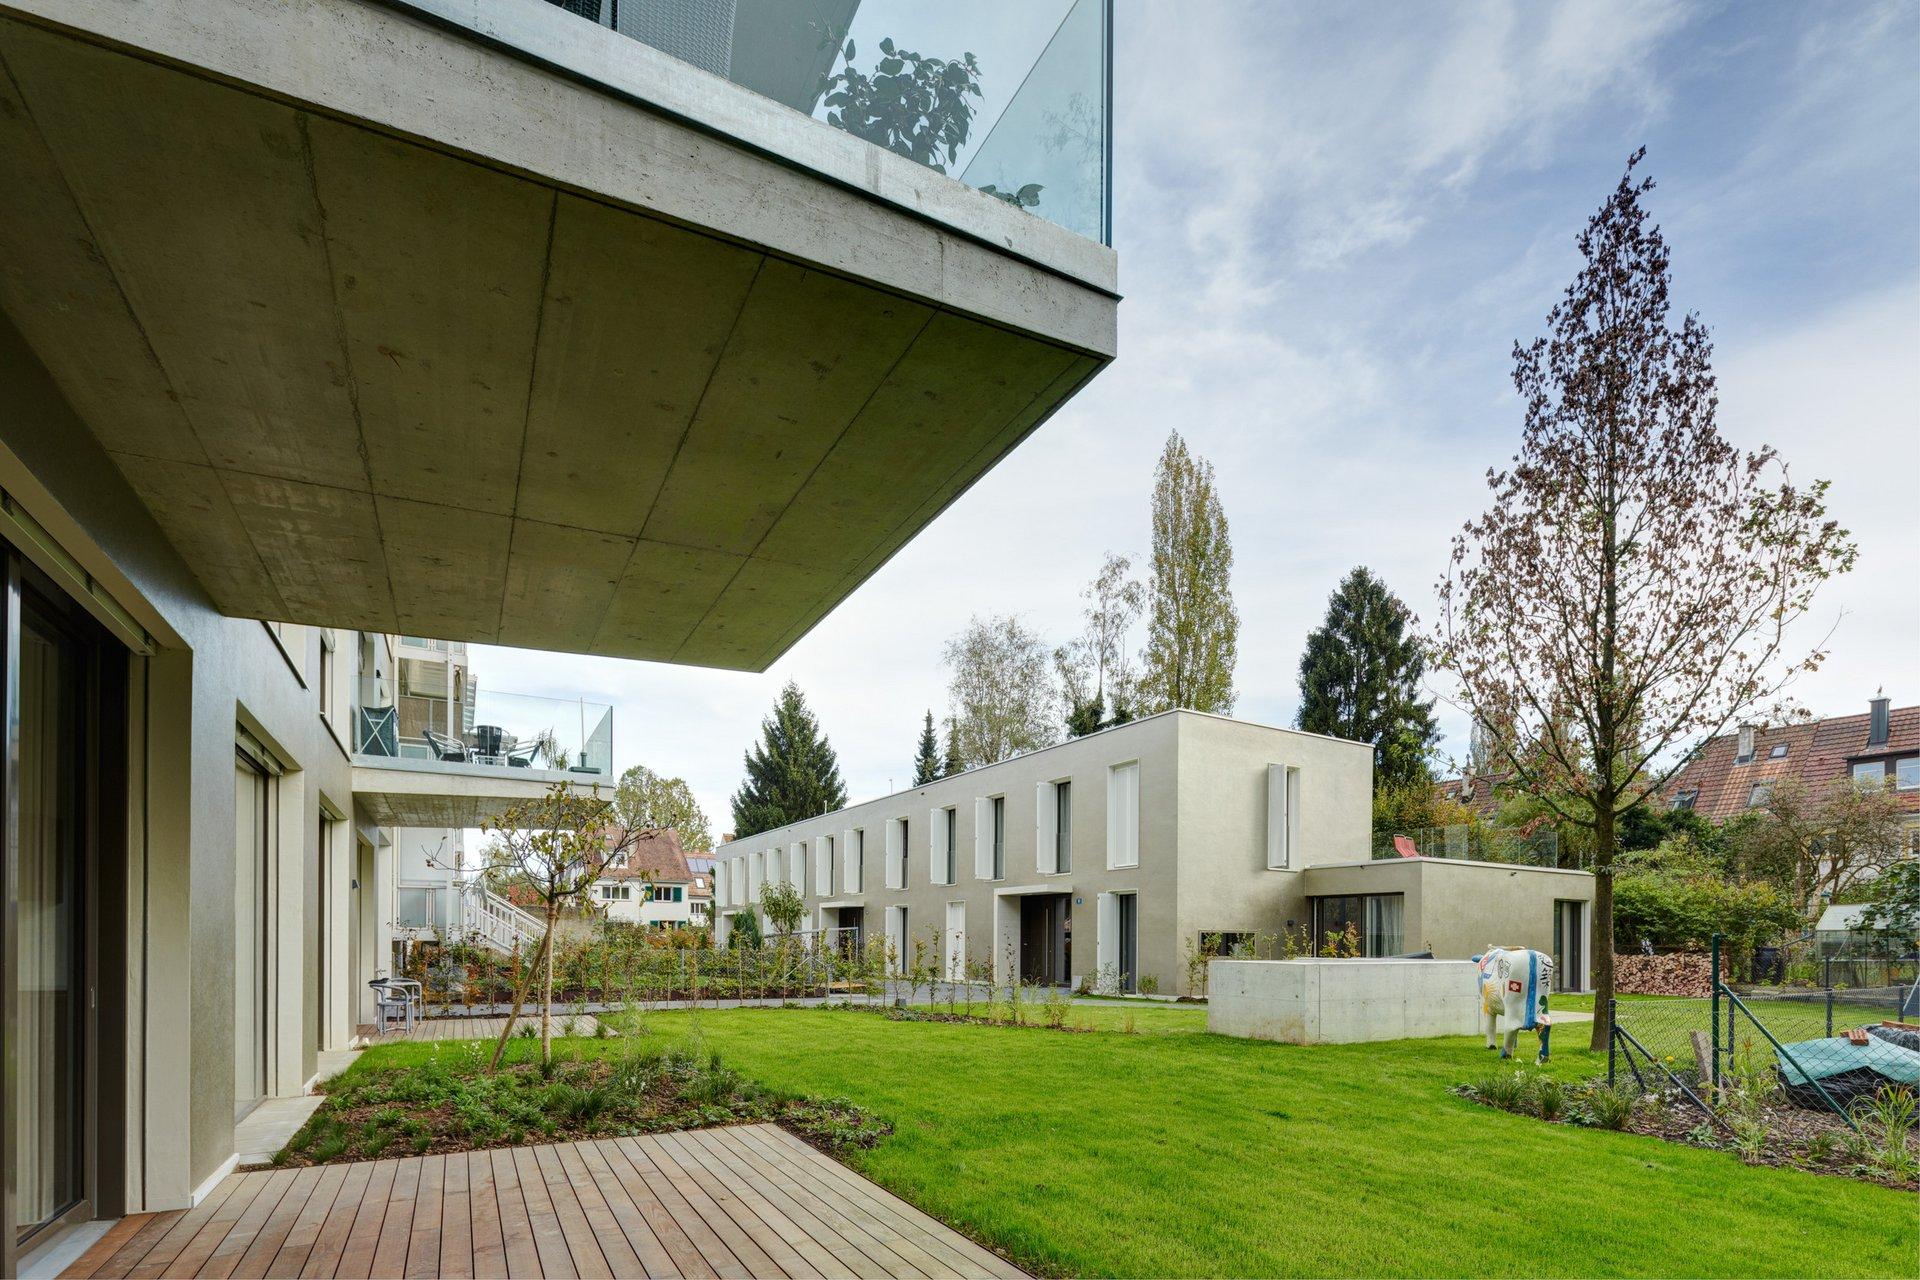 2-stöckiger Beton-Wohnblock mit grossen Holz-Metallfenstern